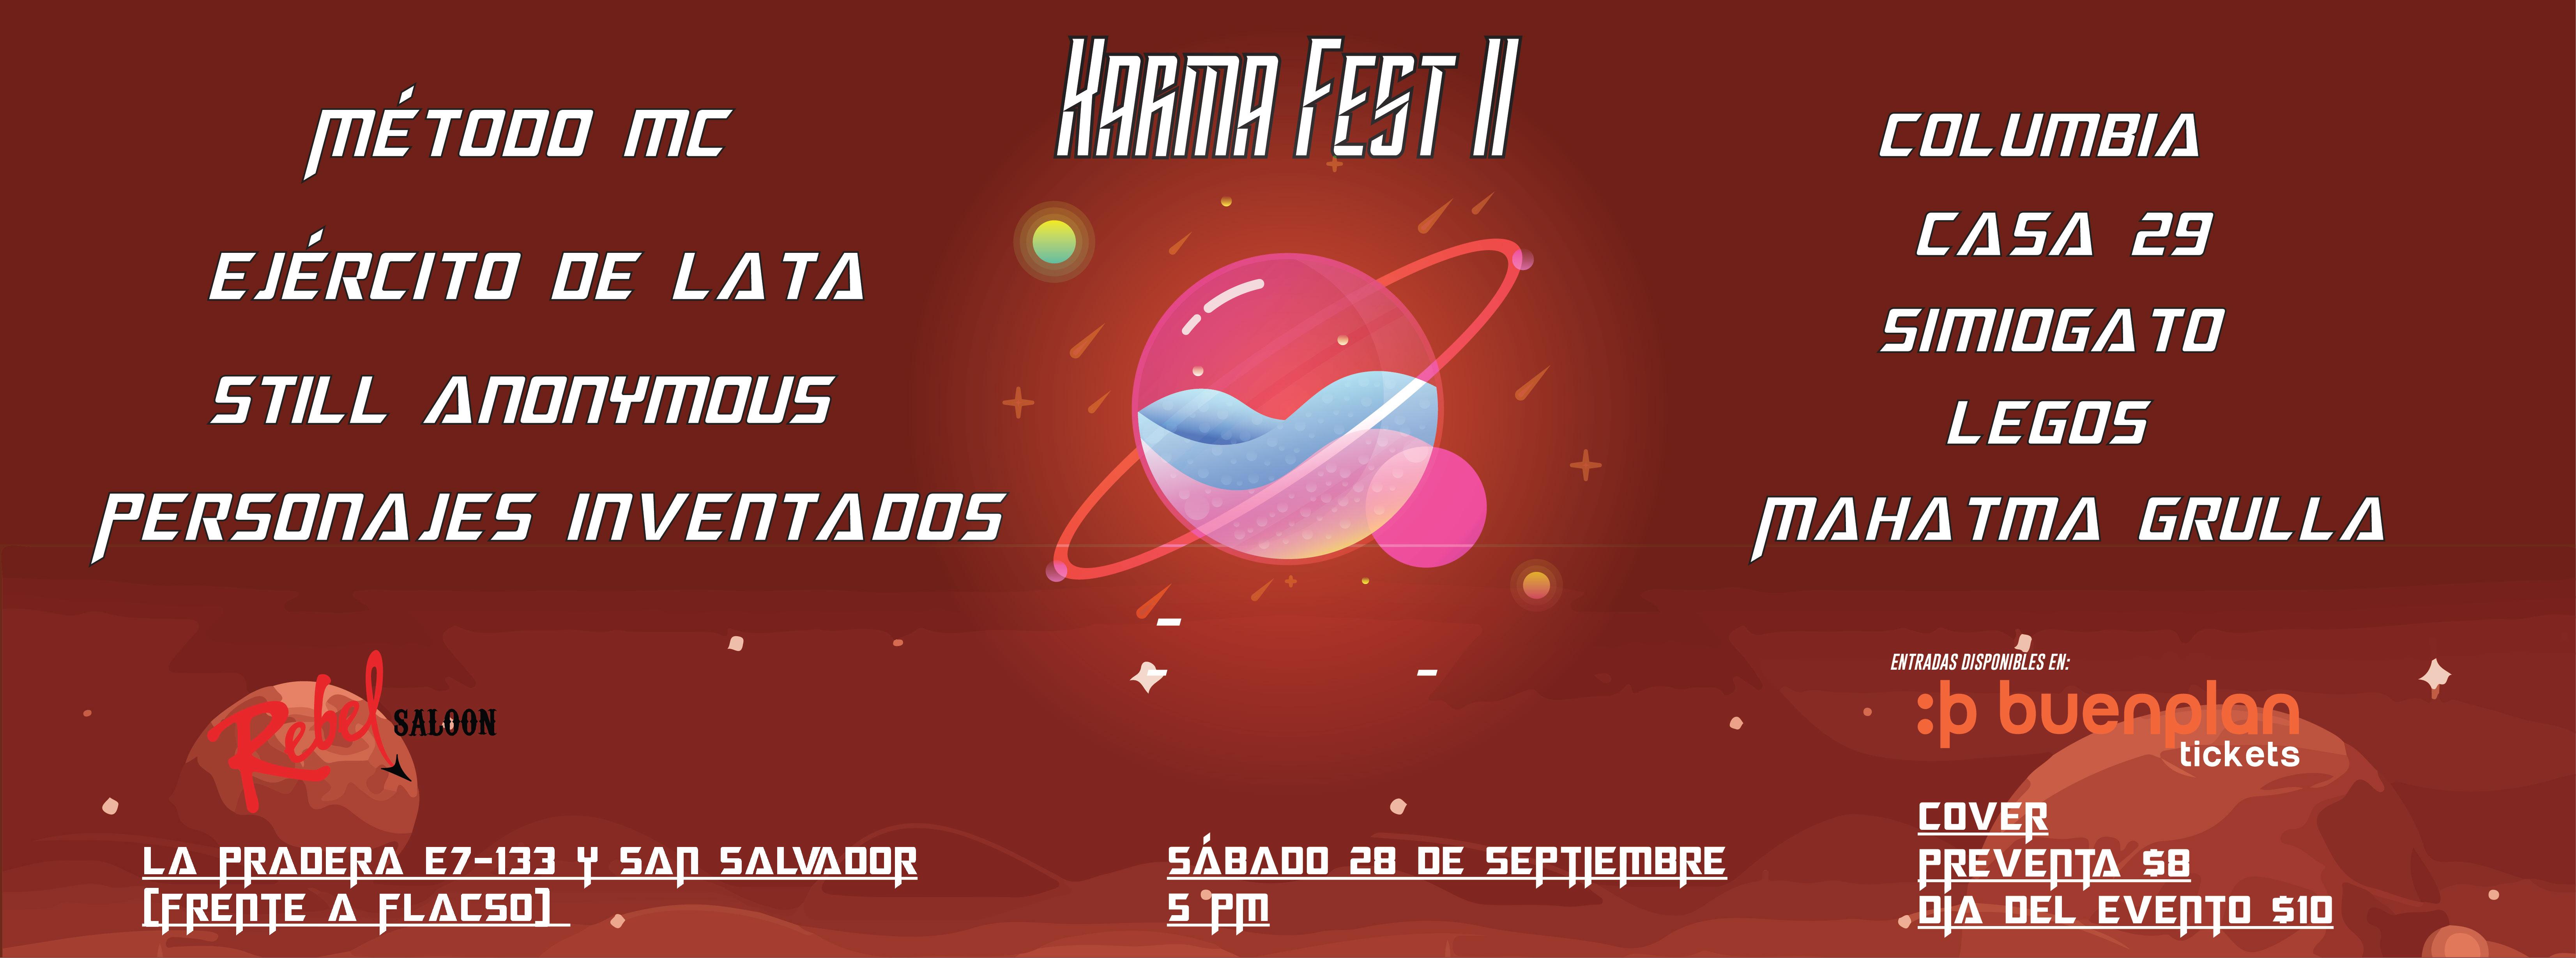 Karma Fest II en Quito, BuenPlan